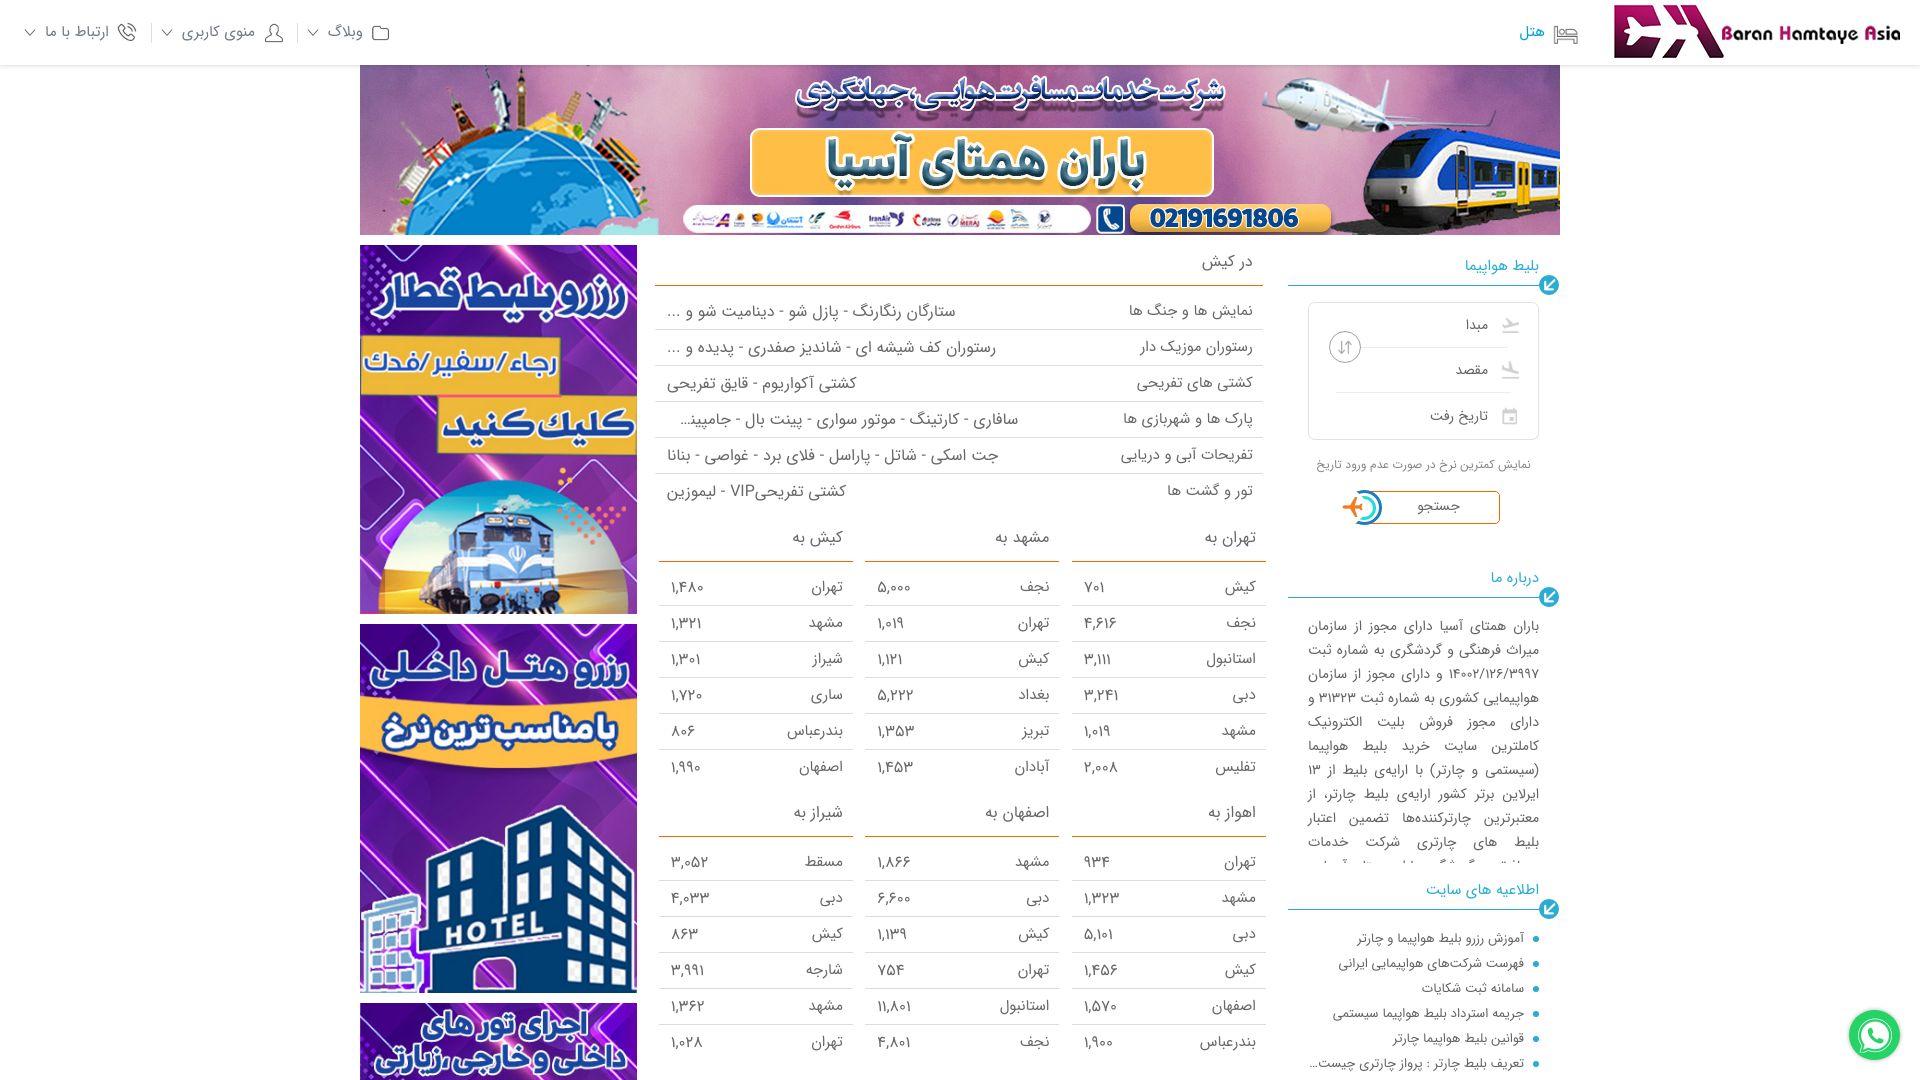 طراحی سايت آژانس مسافرتی باران همتای آسیا